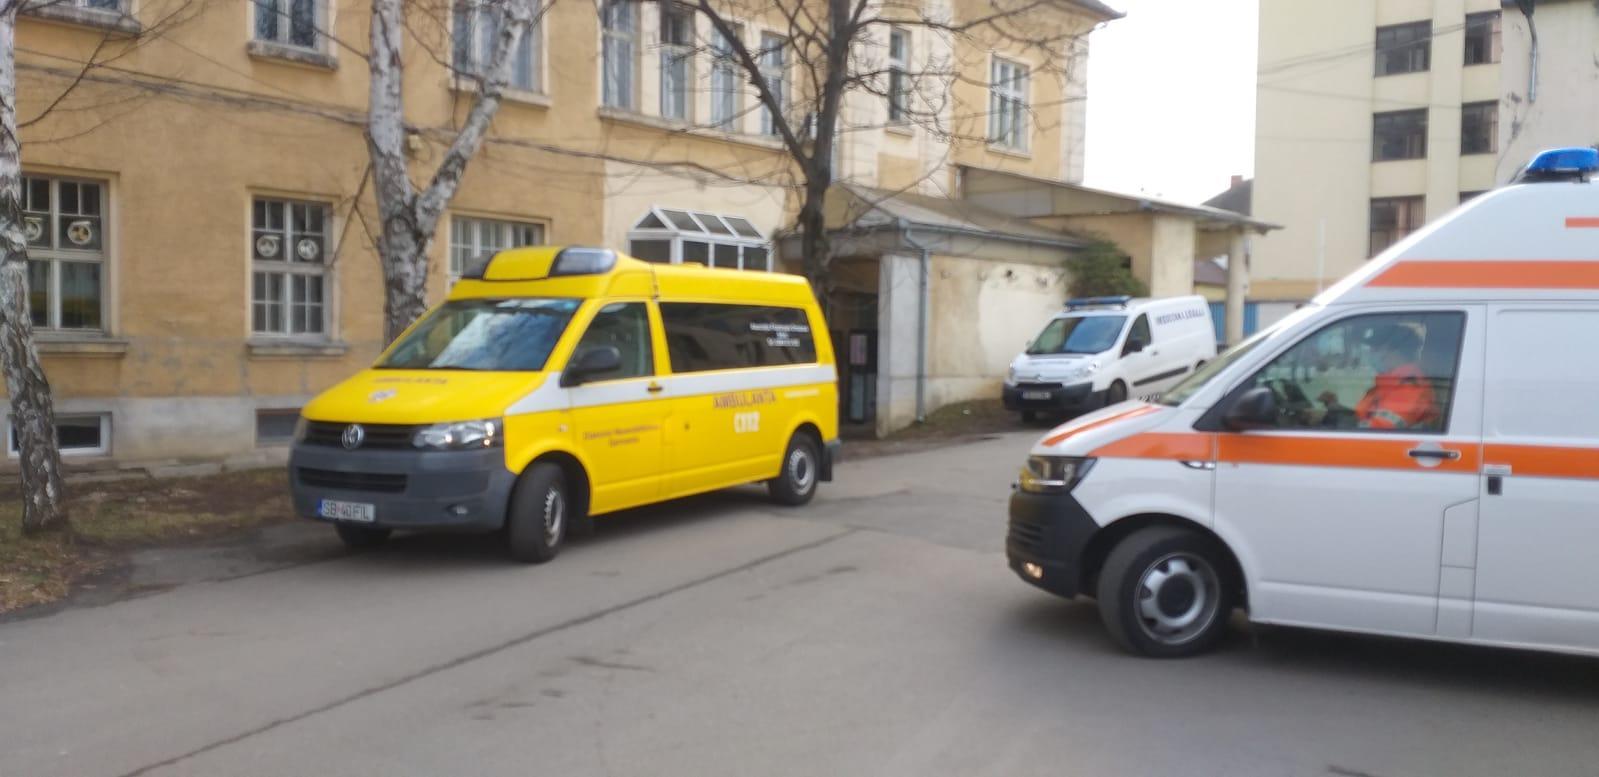 AFOS pune la dispoziția Spitalului Județean o ambulanță care transferă bolnavii cu Covid între secții